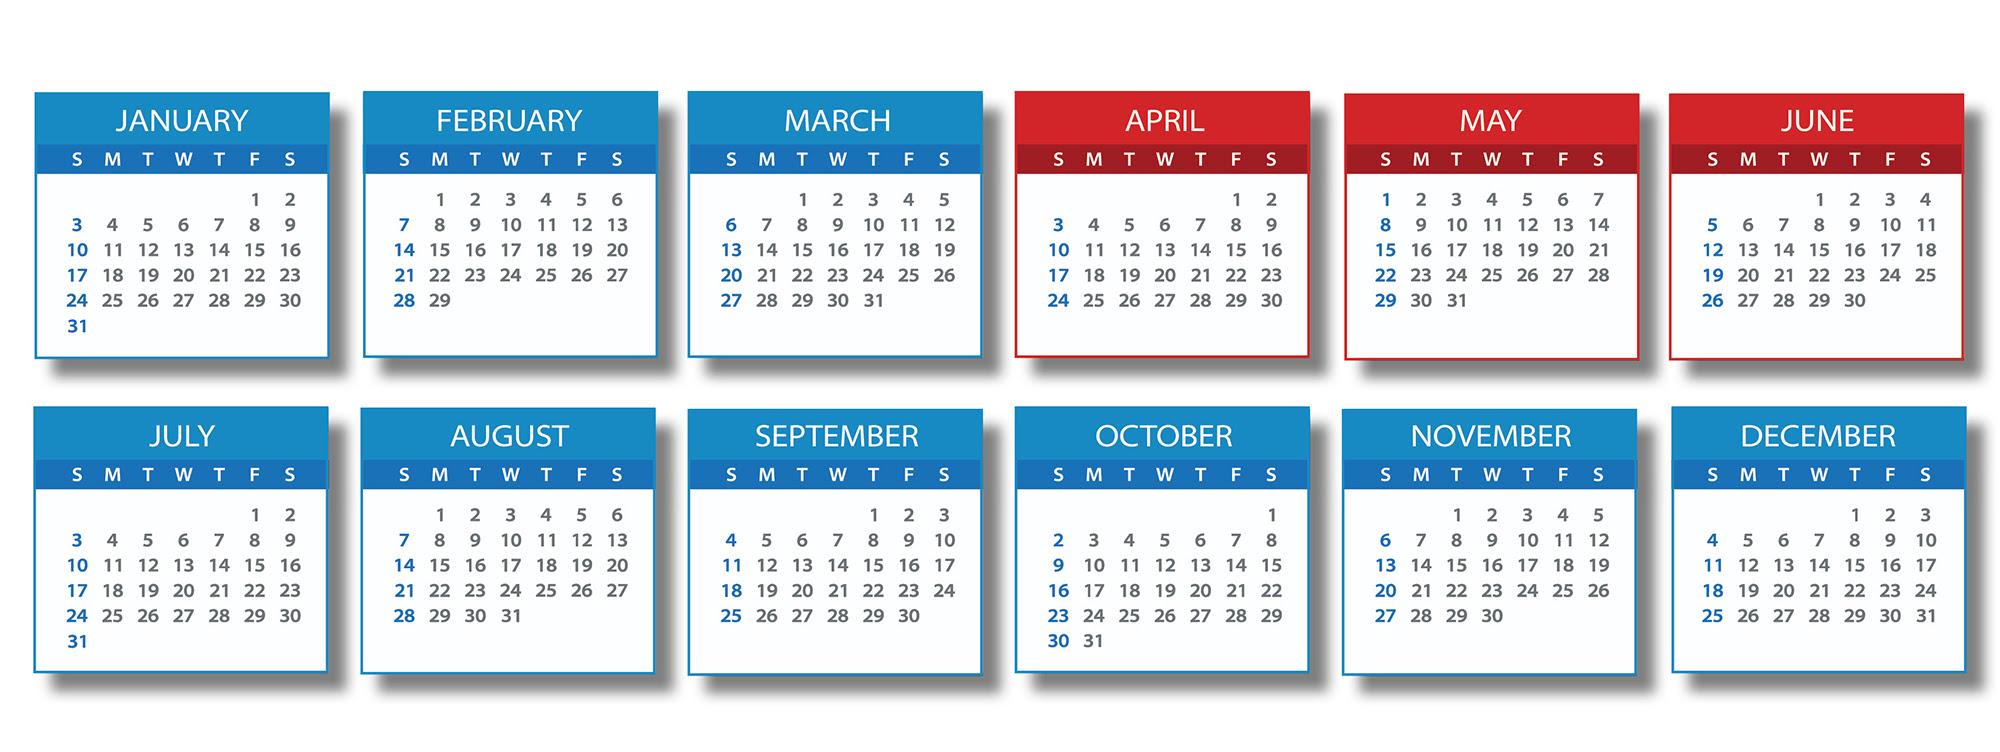 blog-sales-calendar.jpg